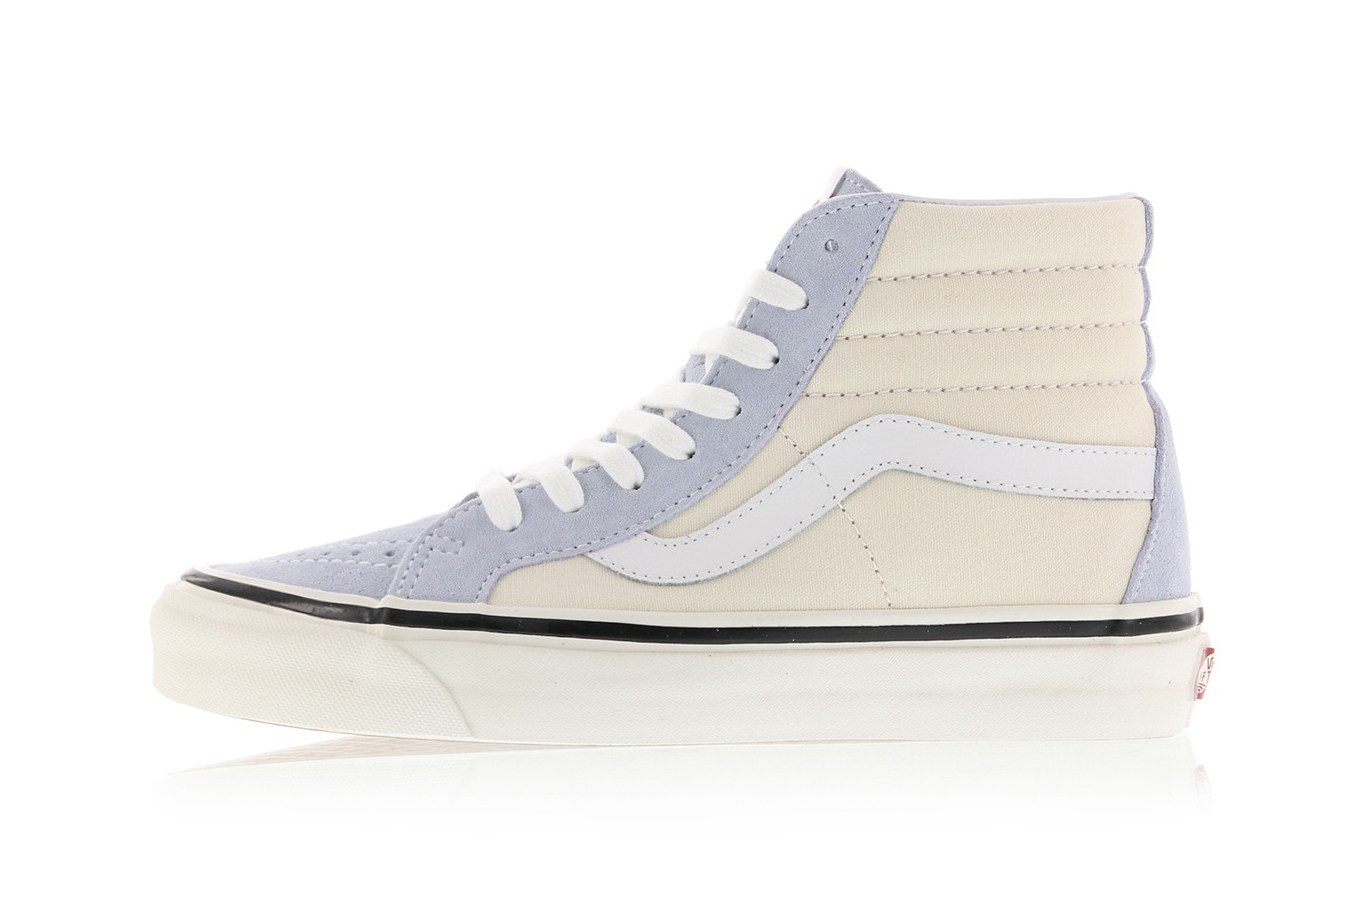 vans-sk8-hi-dx-light-blue-white-4